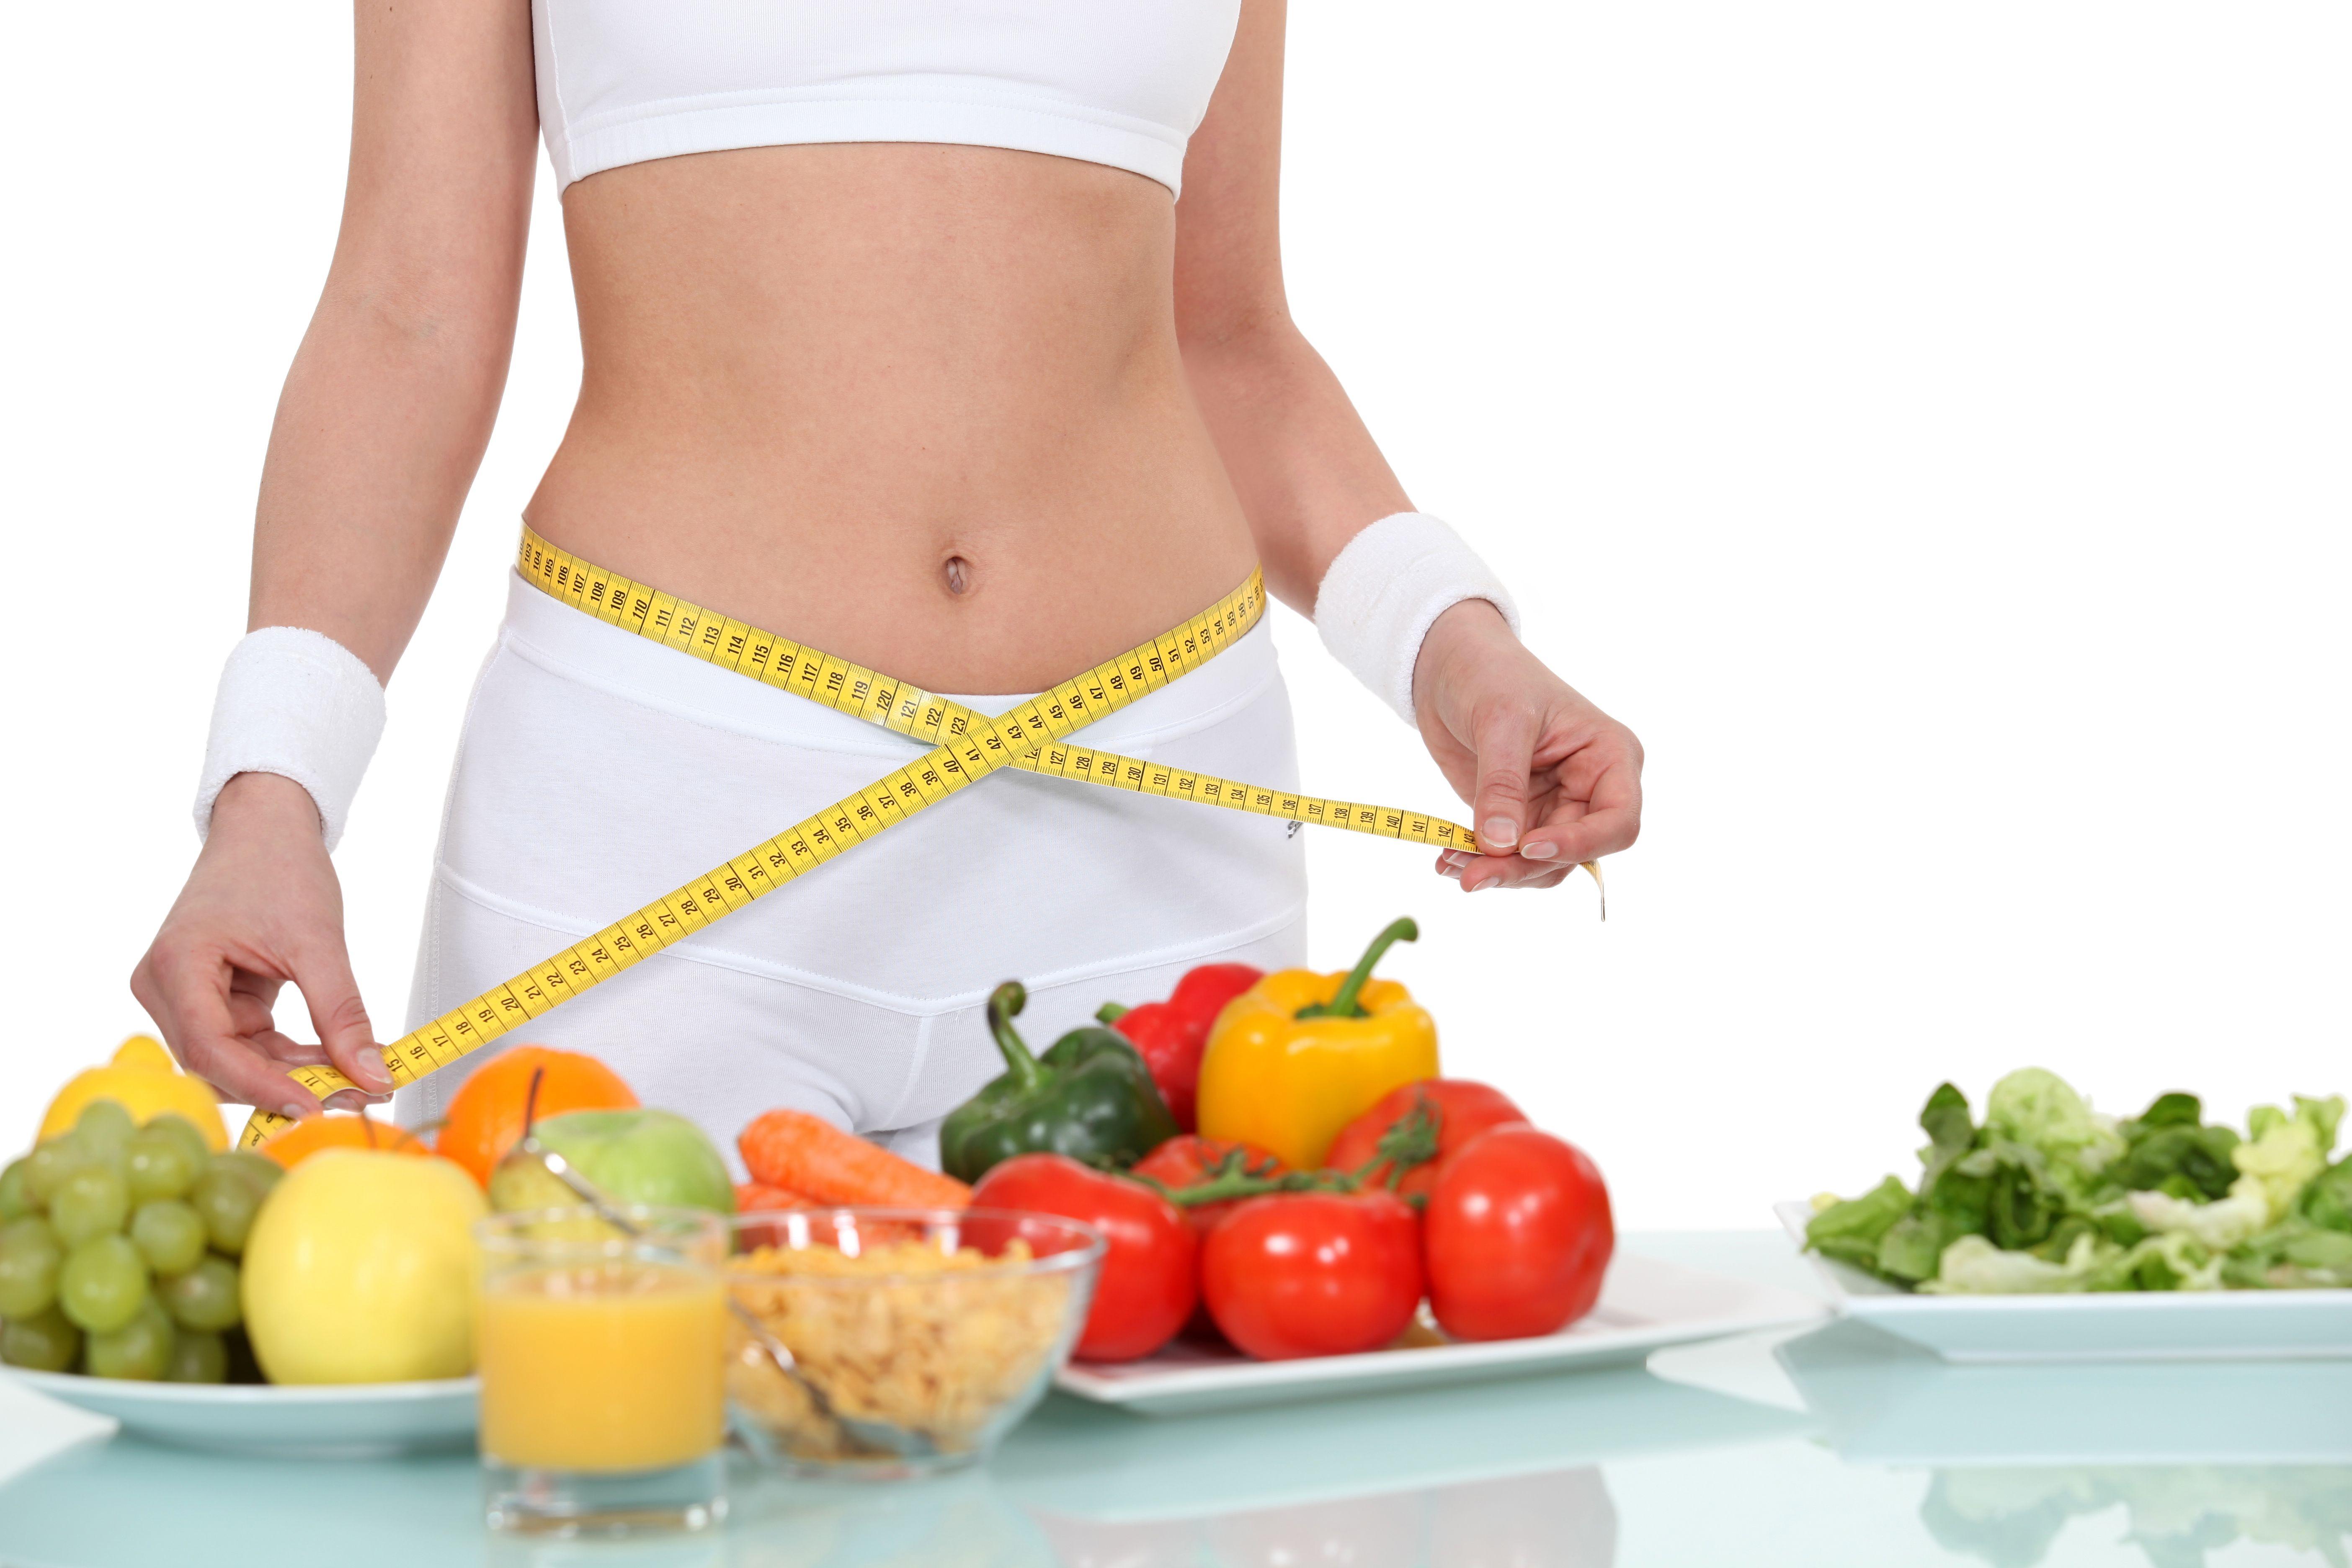 Jillian michaels best weight loss plan